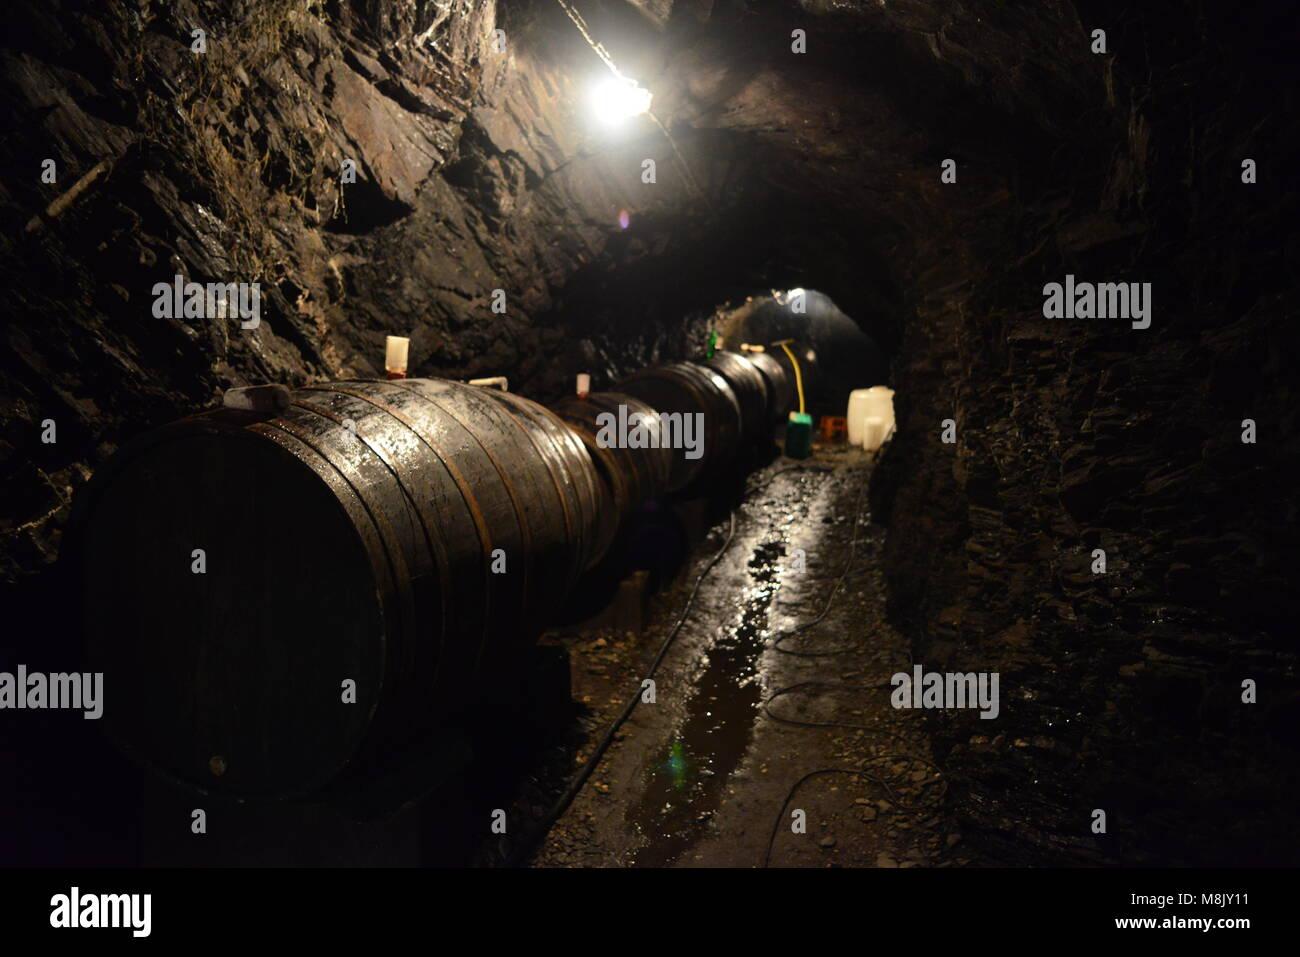 Alterung von Wein in Fässer im Keller, in den Fels gegraben, Weingut, Mosel, Cochem, Deutschland Stockbild